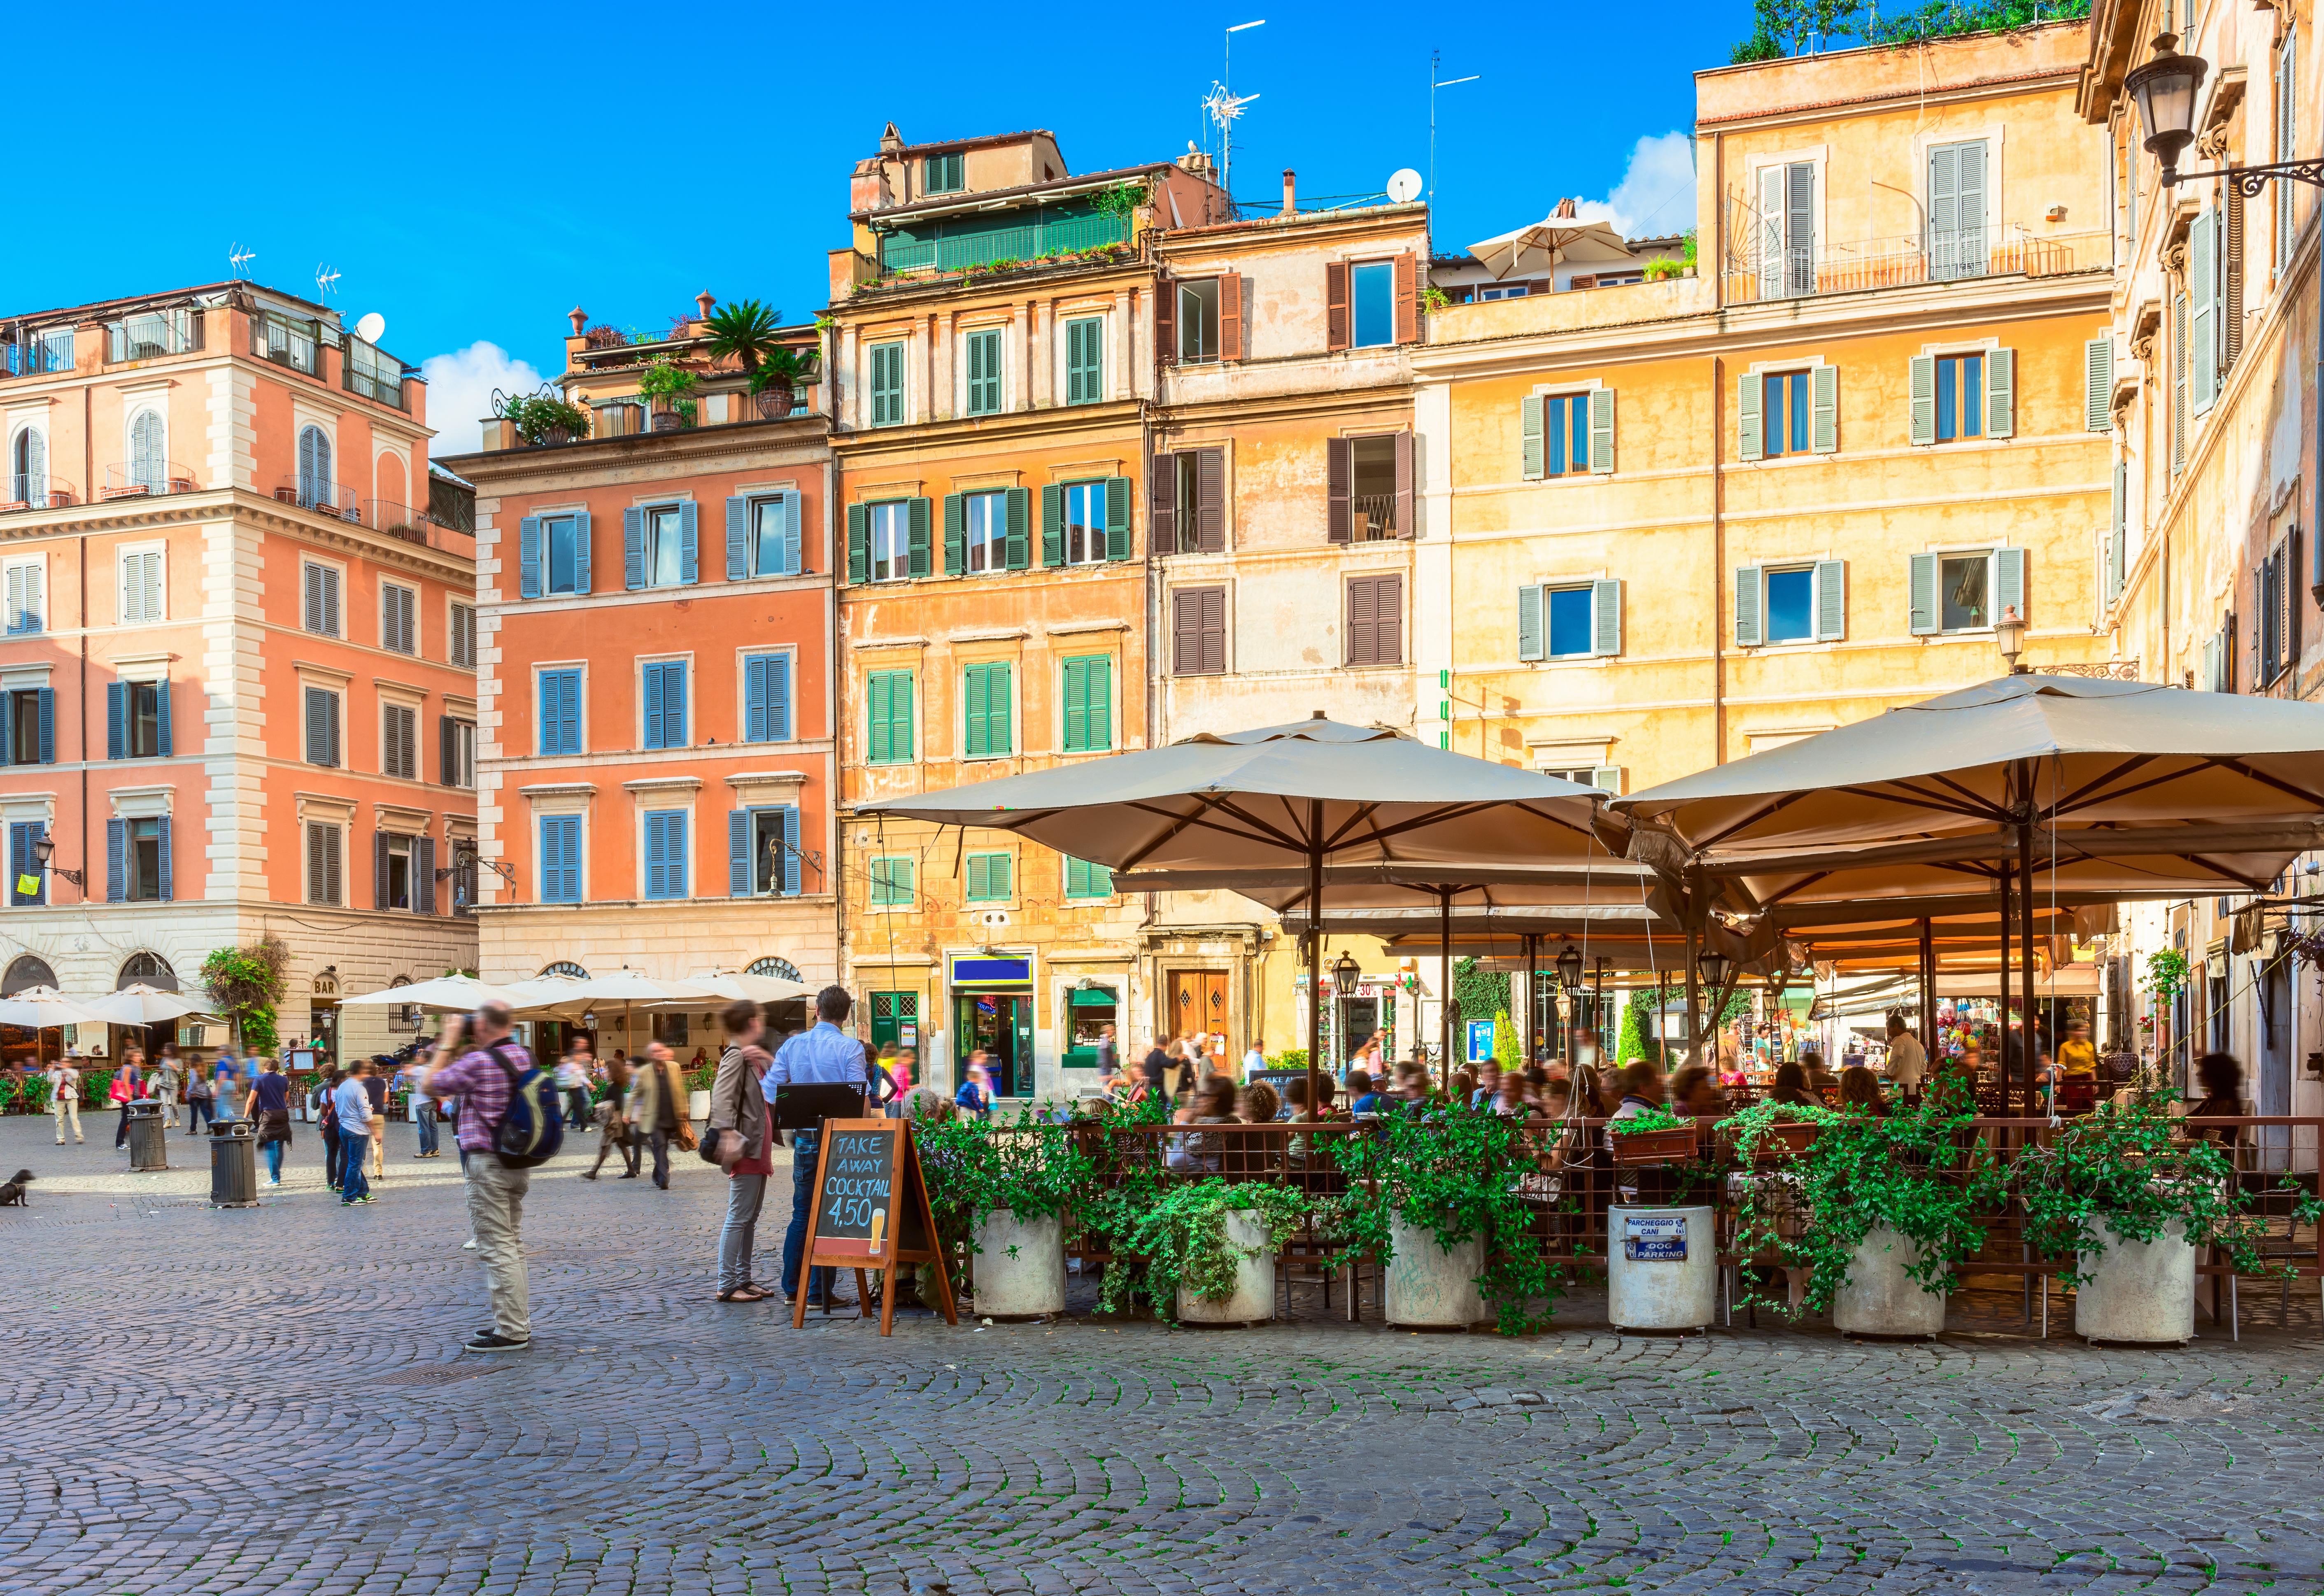 Perderse por las calles del Trastevere, el barrio más bohemio de Roma - Italia Circuito Italia Monumental: de Roma a Milán